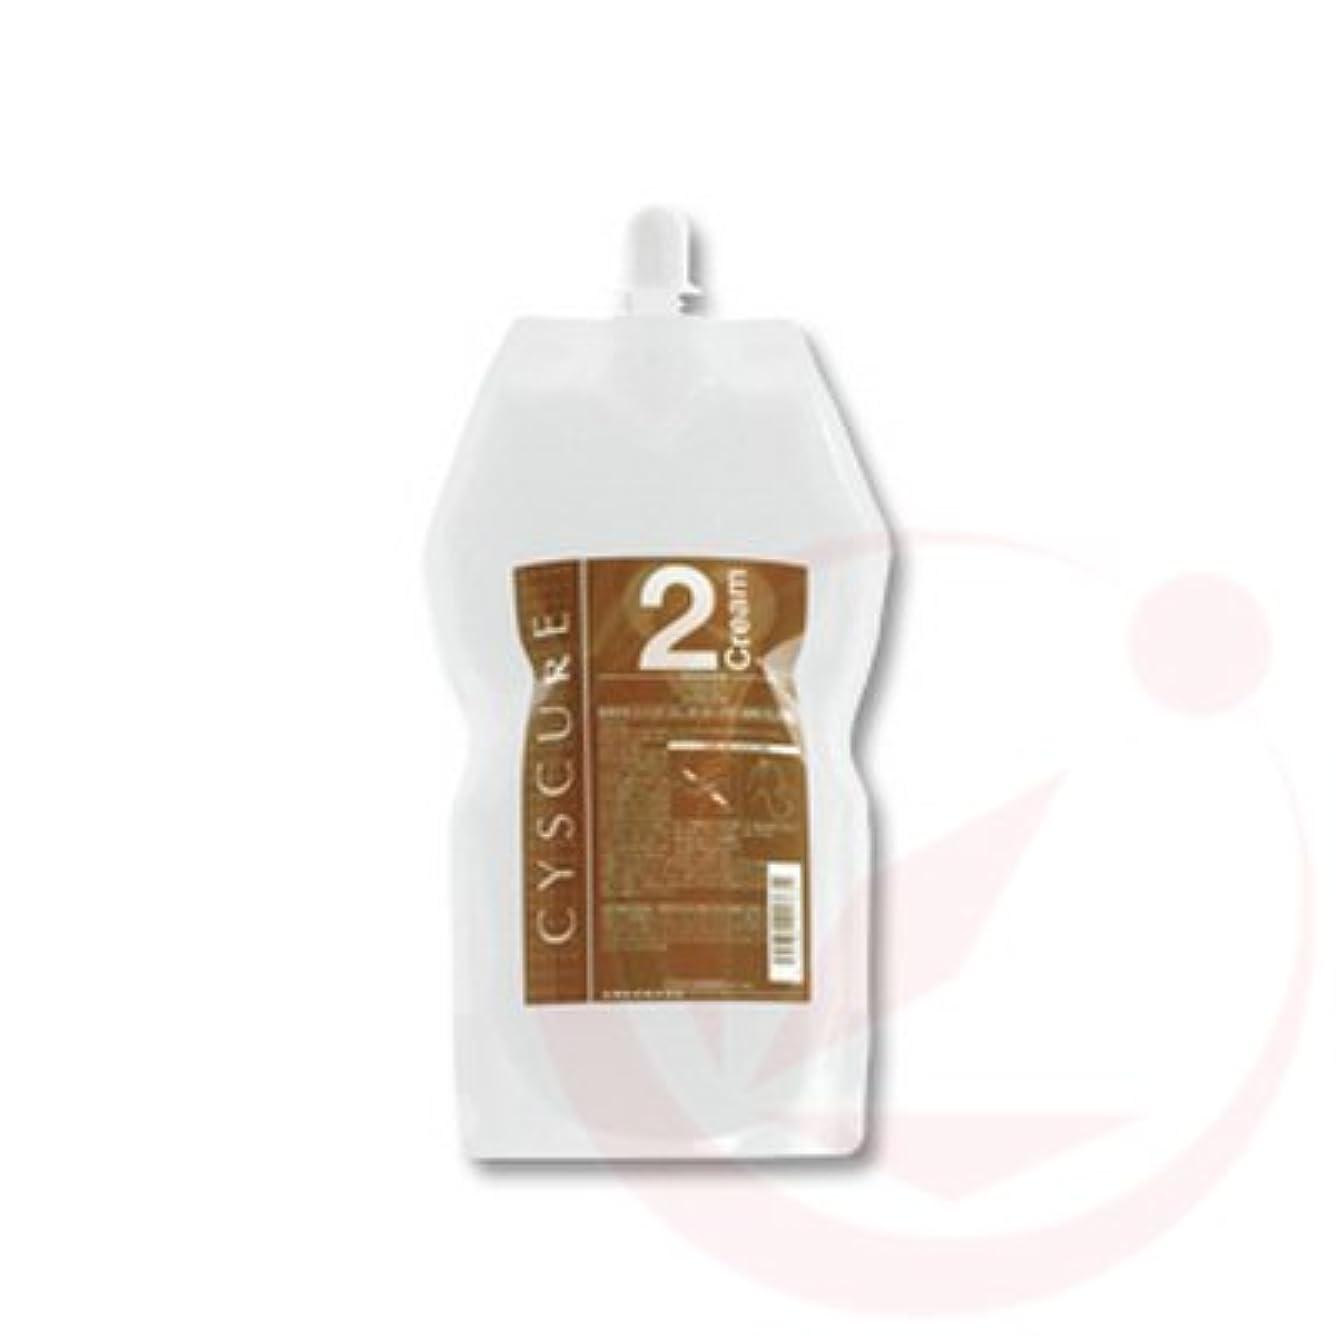 羊の谷内向きタマリス シスキュア2クリーム 1000g (パーマ剤/2剤)